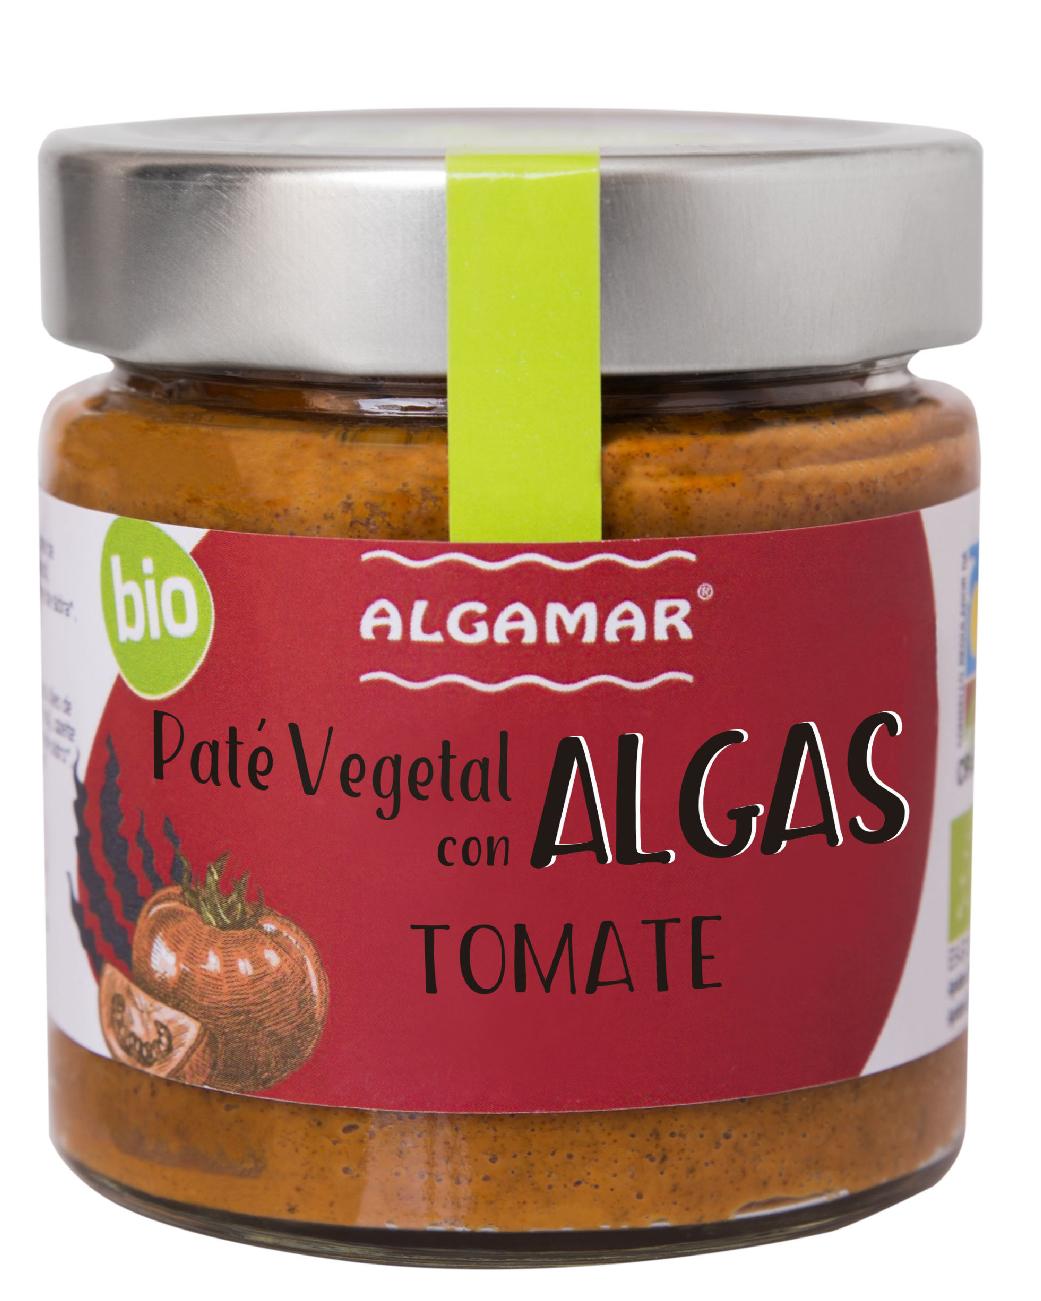 tomate-algas